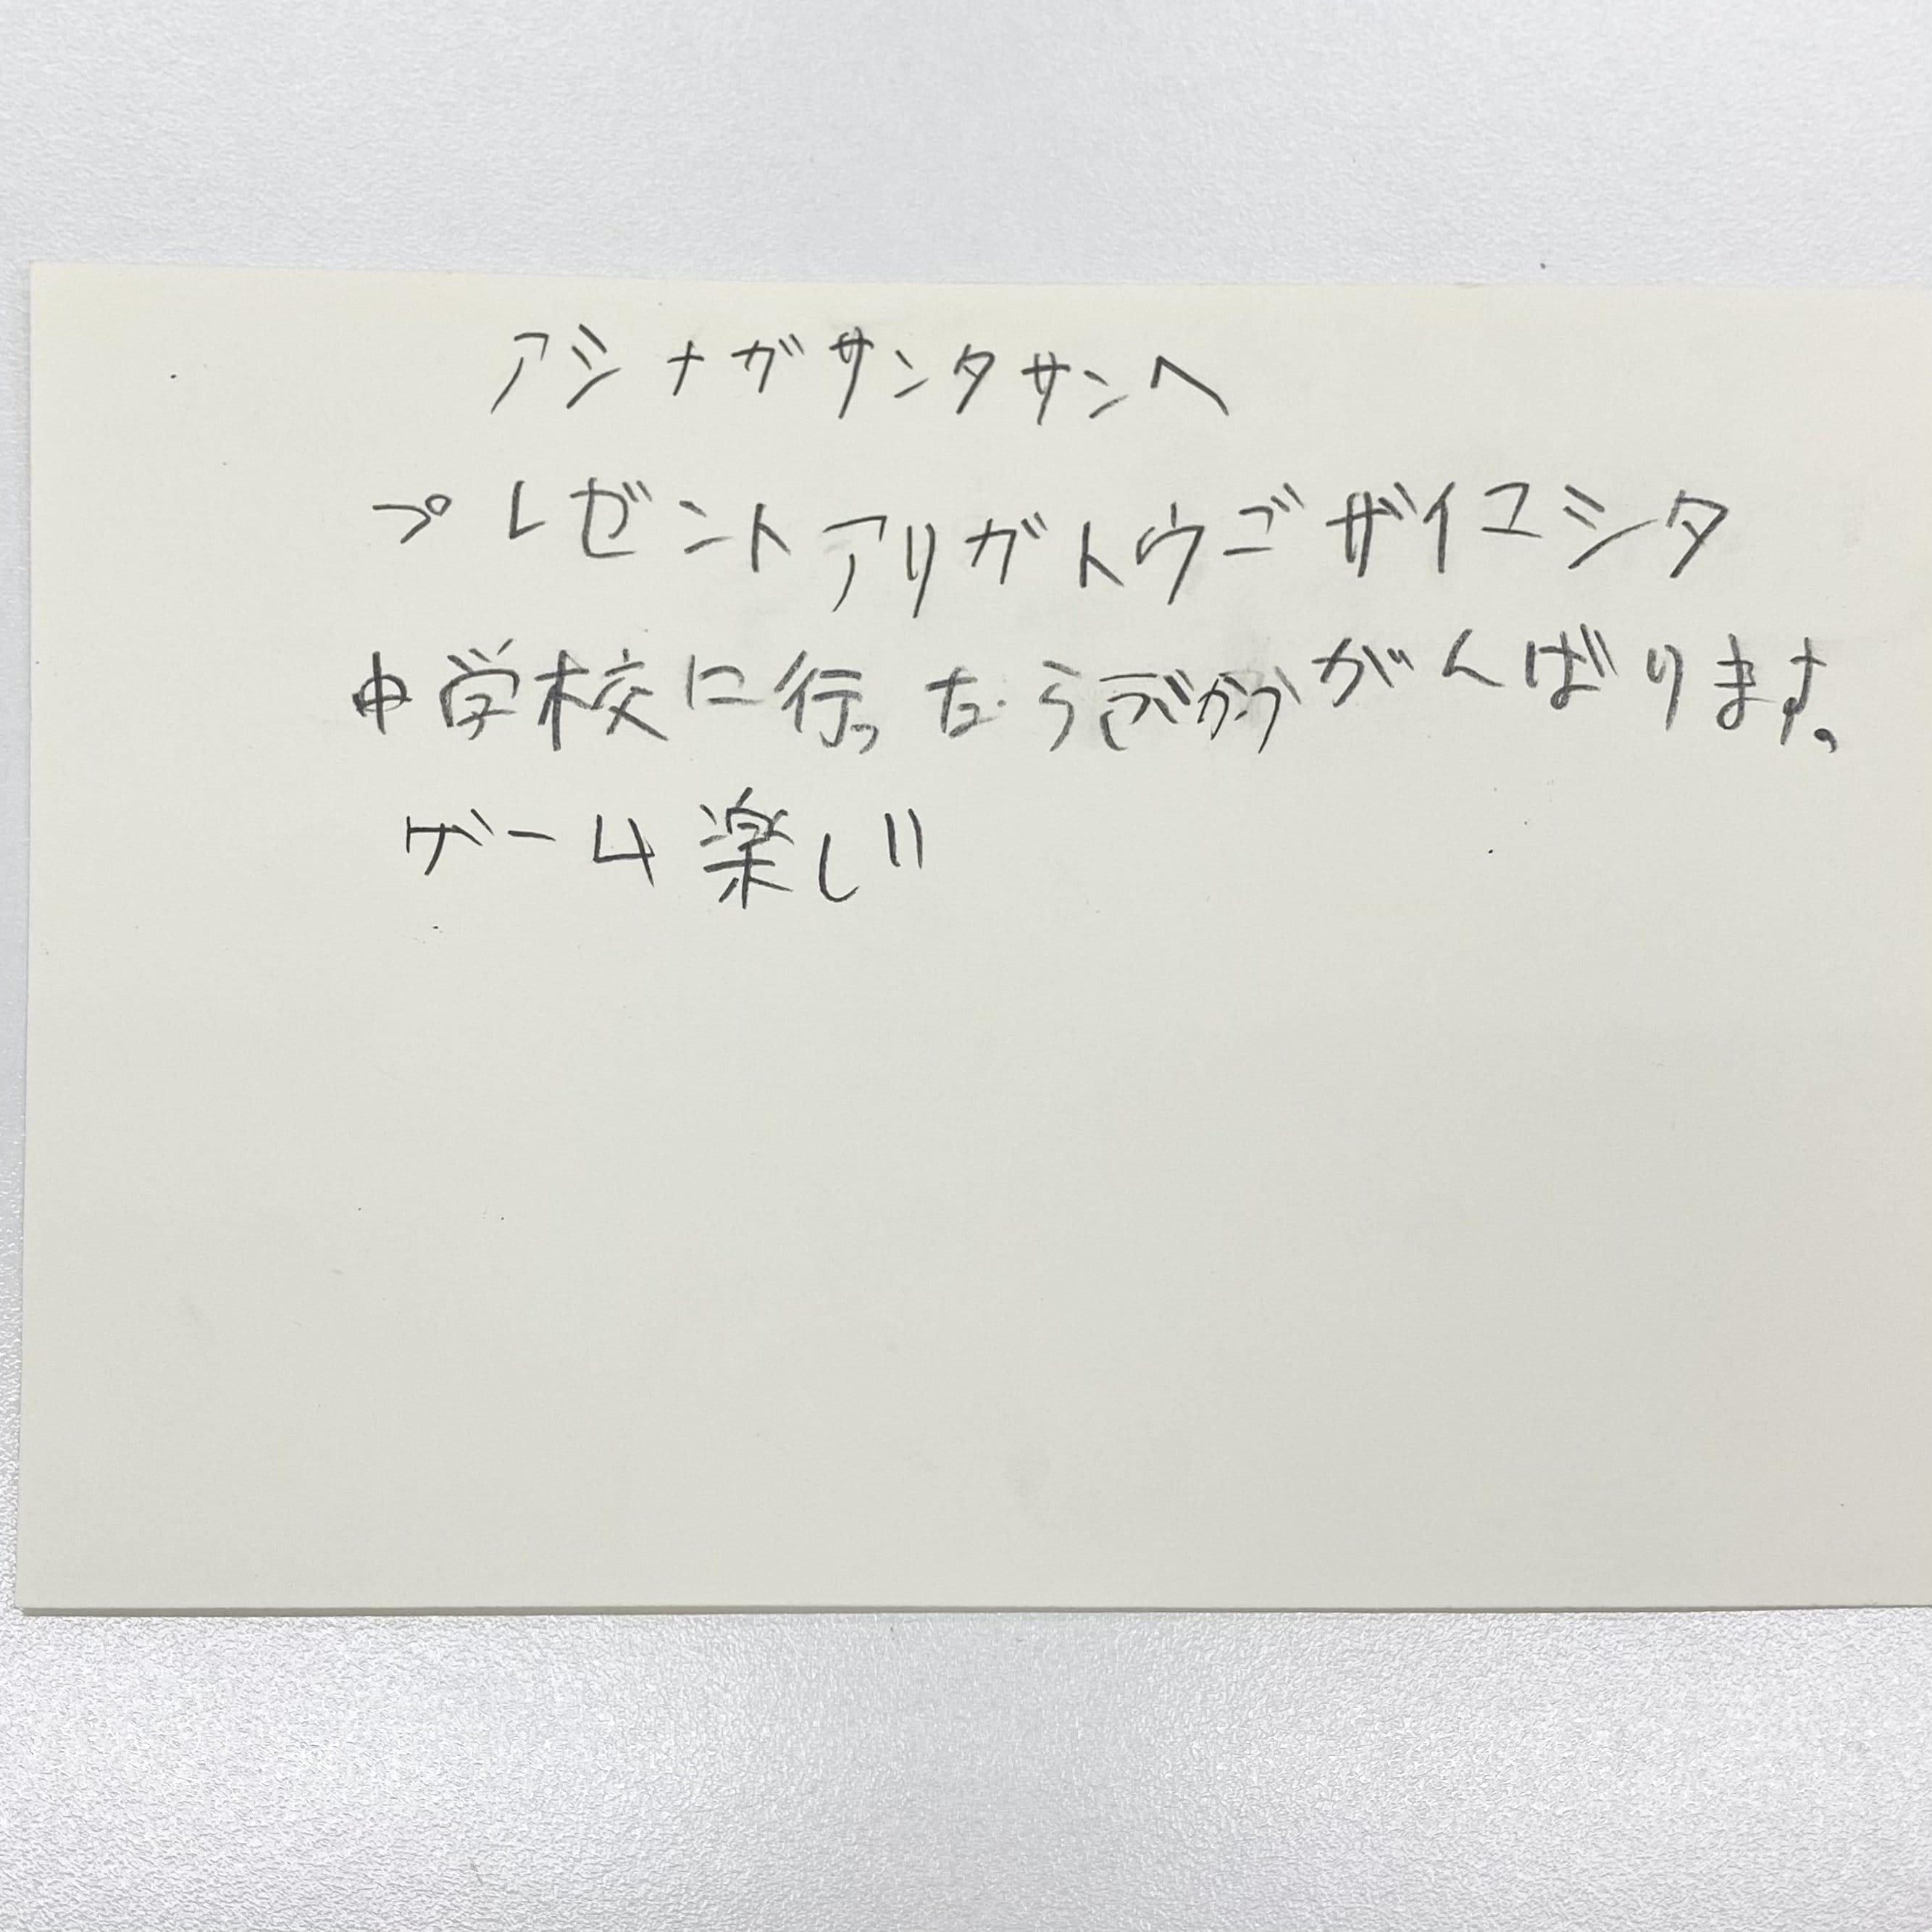 【あしながサンタ】株式会社ロードカー【ひだまり学習塾】